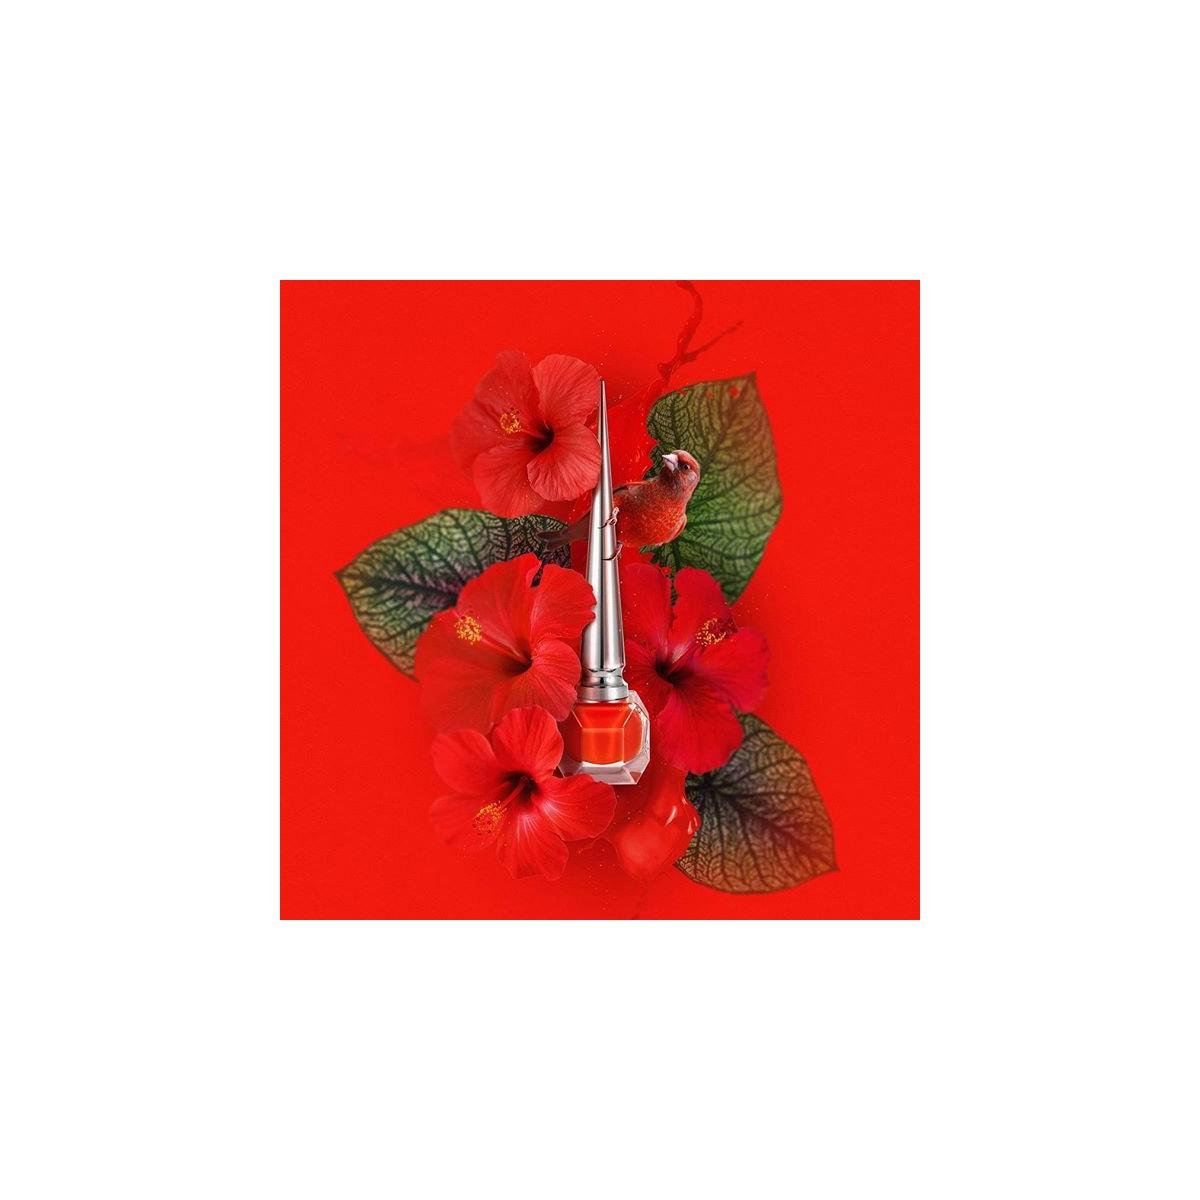 指甲油 - Edgypopi - Christian Louboutin